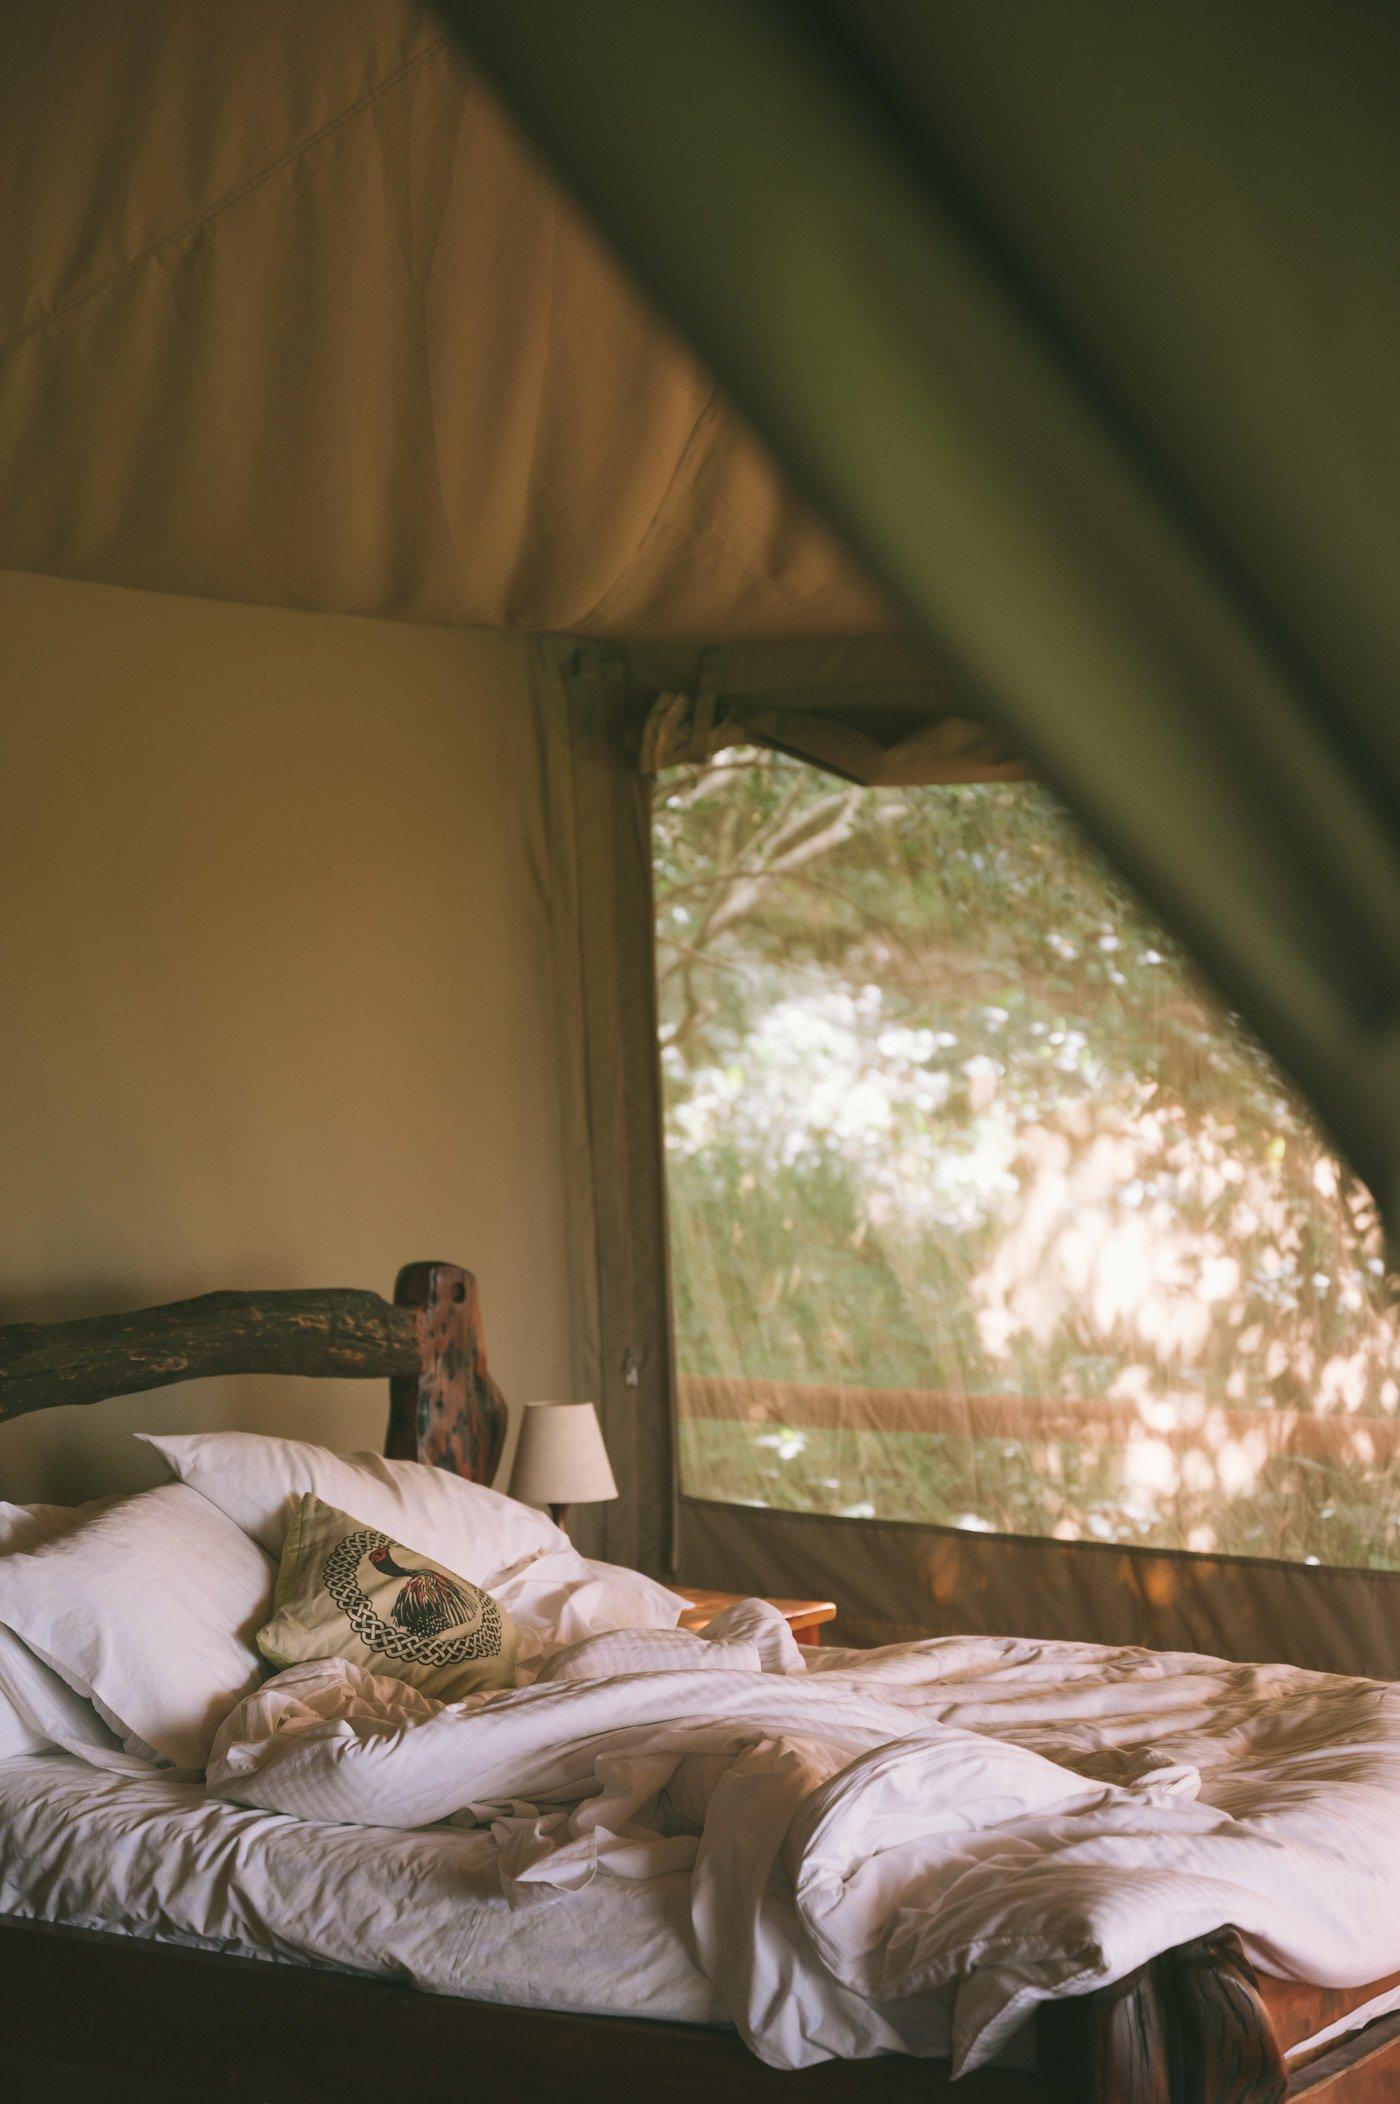 Rooms at Tangulia Mara Camp in the Maasai Mara in Kenya